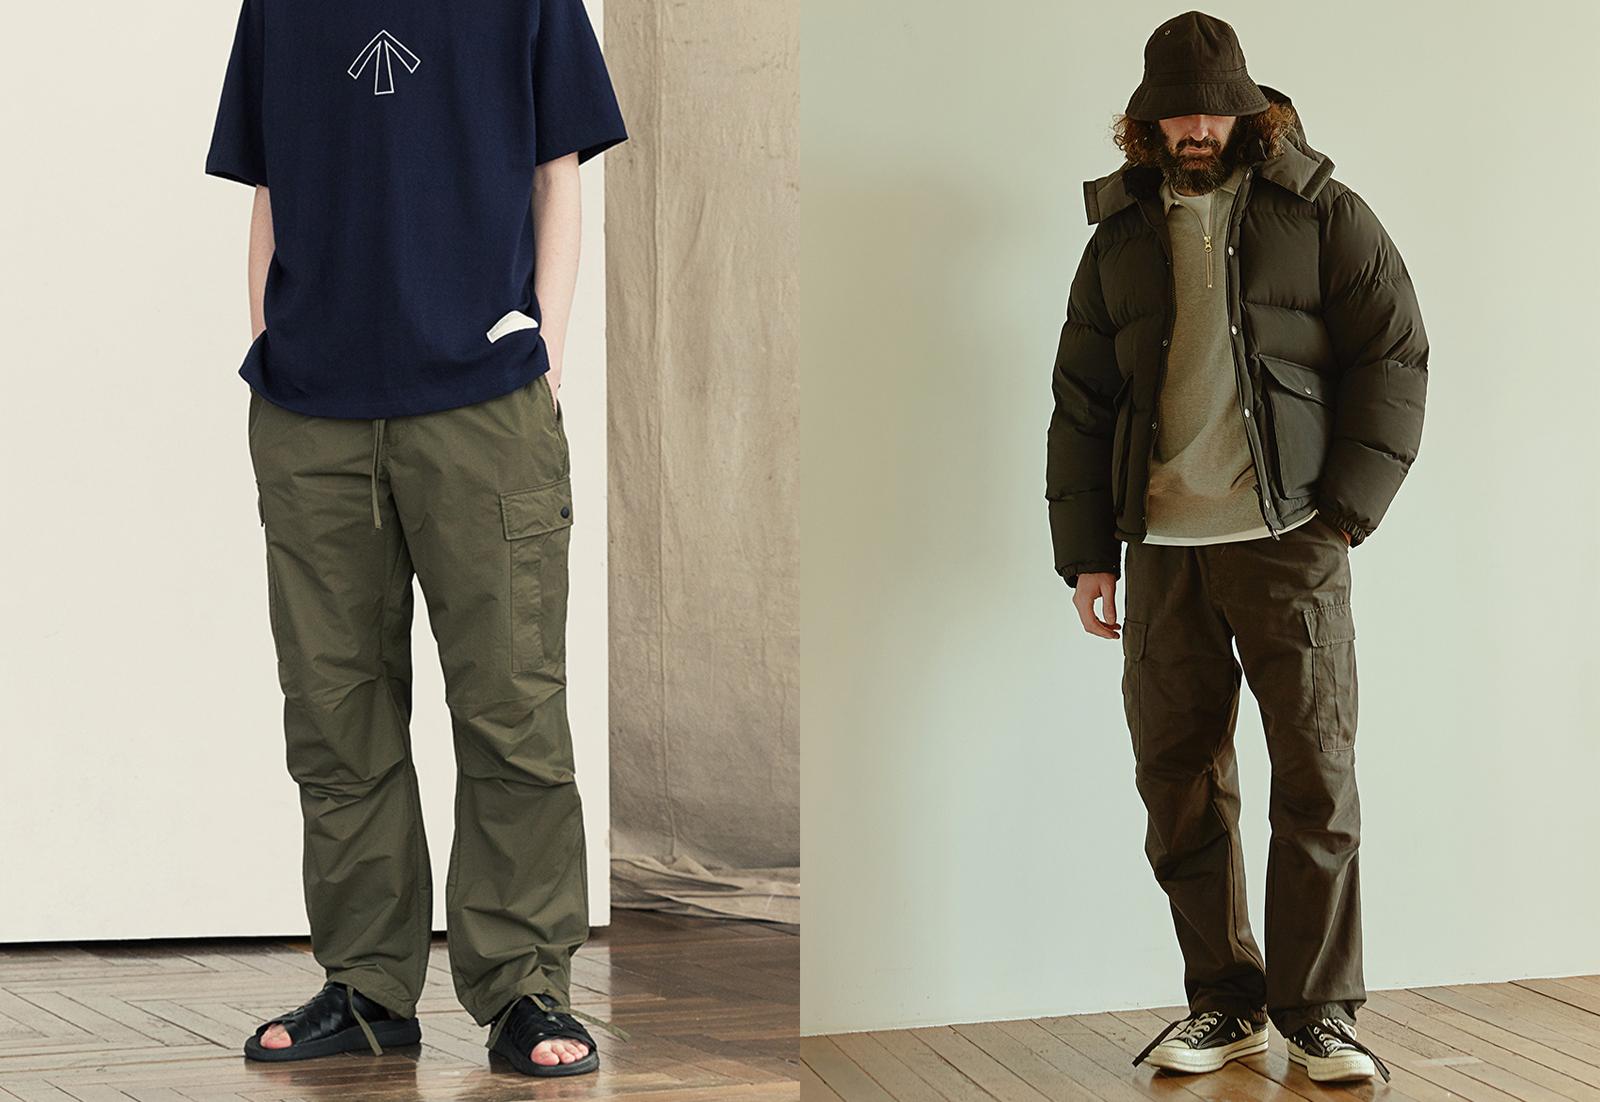 軍褲穿搭男,軍褲推薦,M65軍褲,Fatigue Pants,野戰軍褲,Monkey Pants,M43 Field Pants,甲板吊帶褲